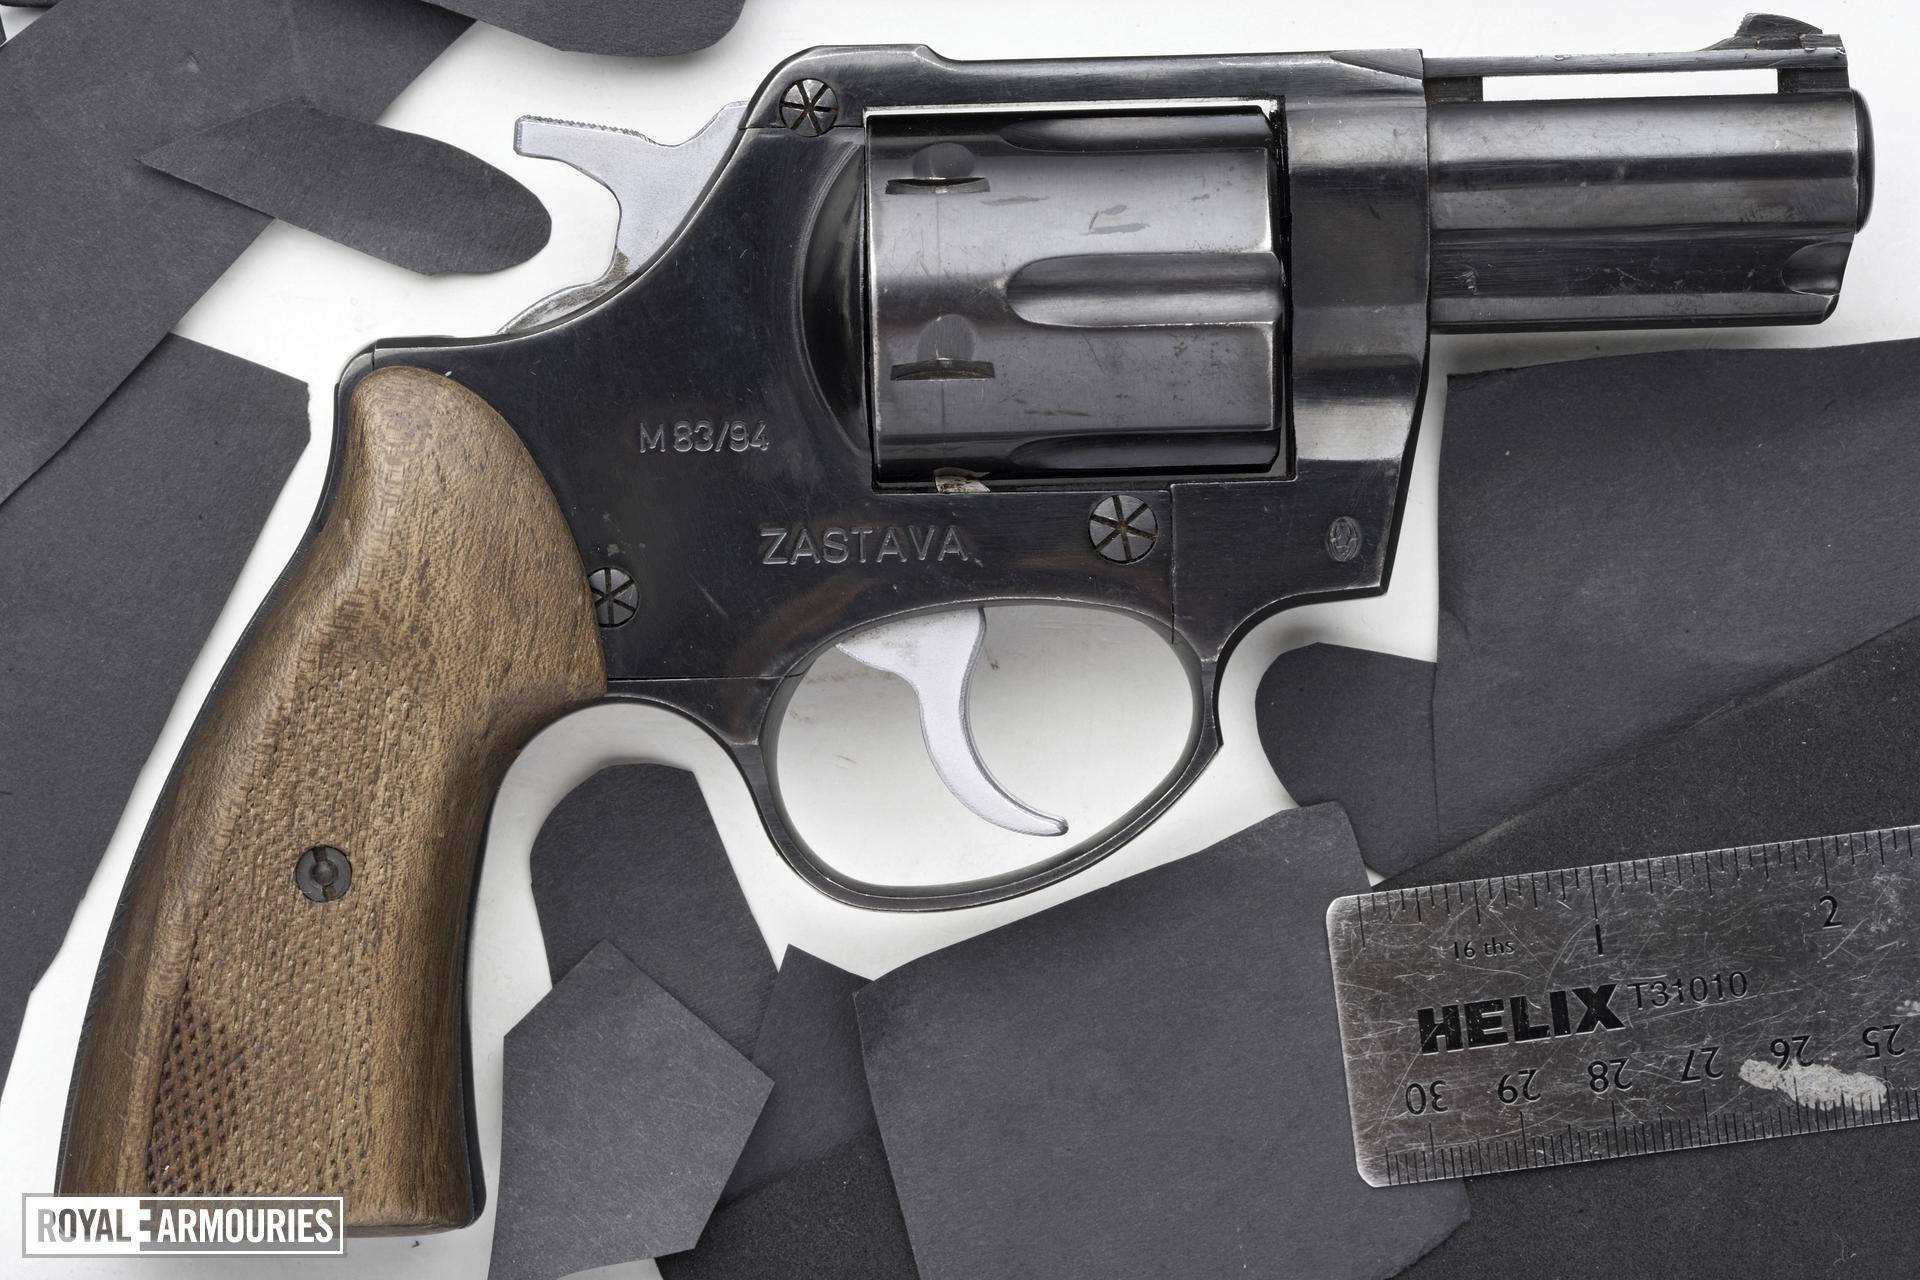 Centrefire six-shot revolver - Zastava M83/92